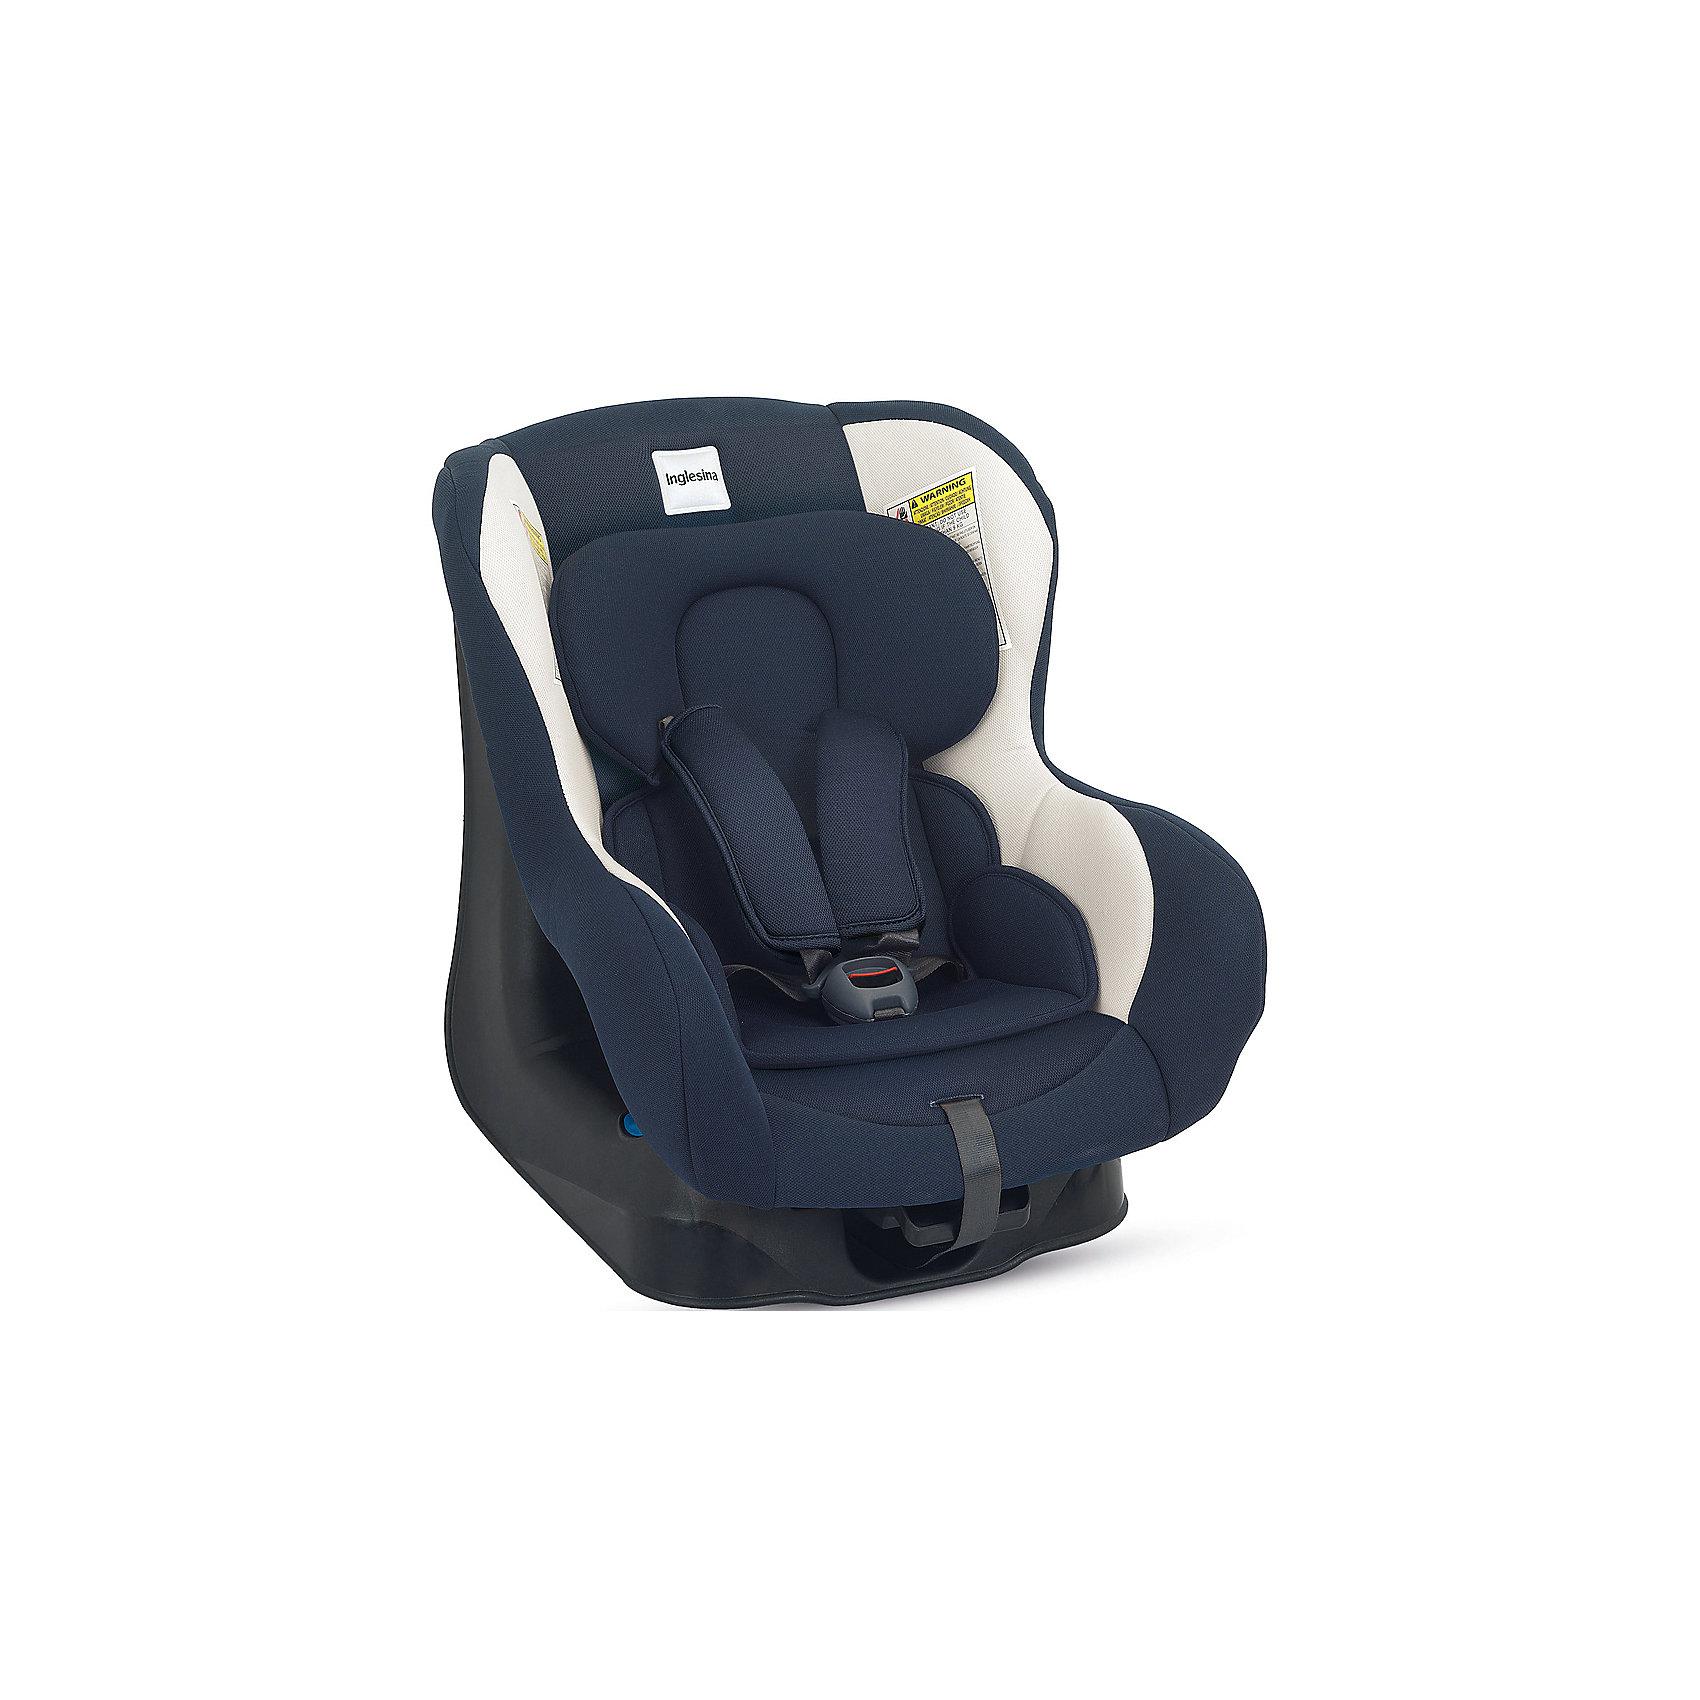 Автокресло Inglesina Magellano 0-18 кг, BlueГруппа 0+, 1 (До 18 кг)<br>Автокресло Magellano - прекрасный вариант для малышей, с ним поездки в автомобиле всегда будут безопасными и комфортными. Технология Side Head Protection защитит малышей от боковых ударов. Кресло обладает удобной универсальной конструкцией и приятной на ощупь обивкой. Чехлы сшиты из практичной и прочной ткани. Их можно снимать и стирать в режиме деликатной стирки. Модель предусматривает уютный вкладыш для малышей с ремнями безопасности с мягкими накладками. Для еще более комфортного отдыха, угол наклона спинки регулируется. <br><br>Дополнительная информация:<br><br>- Материал: текстиль, пластик, металл.<br>- Размер: 44х59х54 см.<br>- Вес: 6 кг.<br>- Группа 0+/1 (до 18 кг).<br>- Устанавливается по ходу и против хода движения. <br>- Ремни безопасности.<br>- Мягкий вкладыш. <br>- Крепится в автомобиле с помощью штатных ремней.<br><br>Автокресло Magellano 0-18 кг., Inglesina (Инглезина), Blue, можно купить в нашем магазине.<br><br>Ширина мм: 590<br>Глубина мм: 460<br>Высота мм: 625<br>Вес г: 8500<br>Возраст от месяцев: 0<br>Возраст до месяцев: 48<br>Пол: Унисекс<br>Возраст: Детский<br>SKU: 4764249